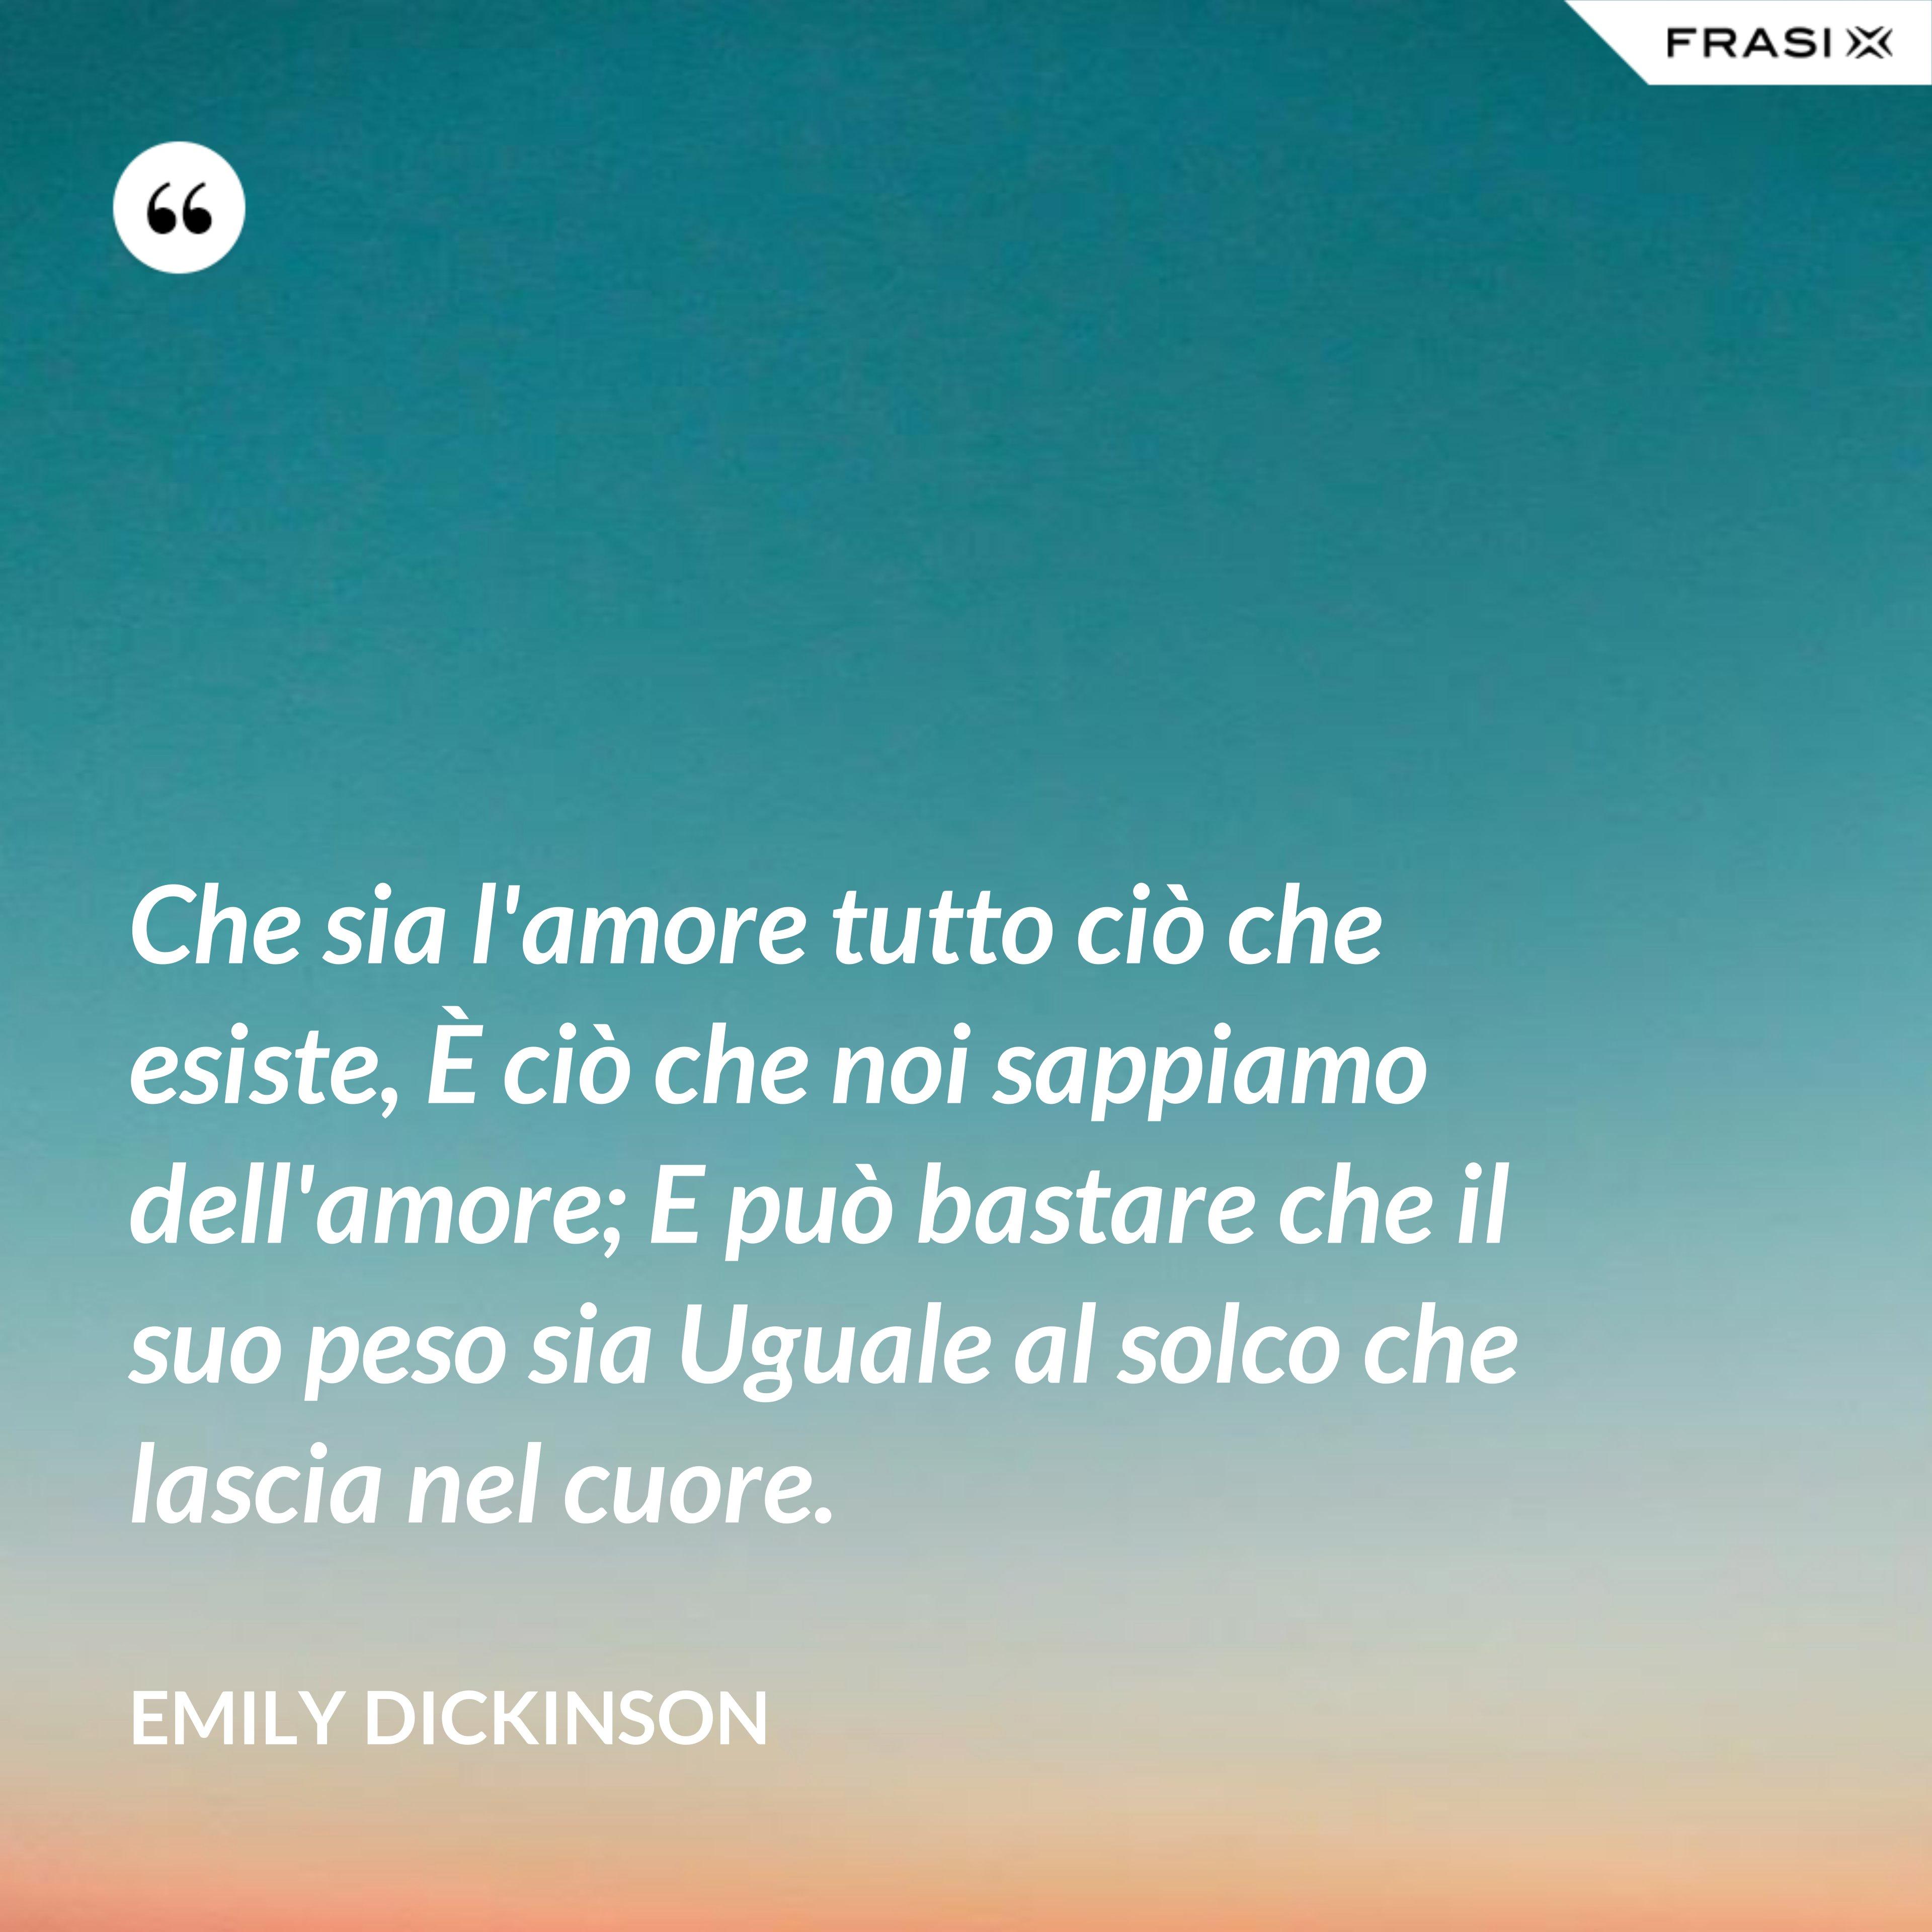 Che sia l'amore tutto ciò che esiste, È ciò che noi sappiamo dell'amore; E può bastare che il suo peso sia Uguale al solco che lascia nel cuore. - Emily Dickinson